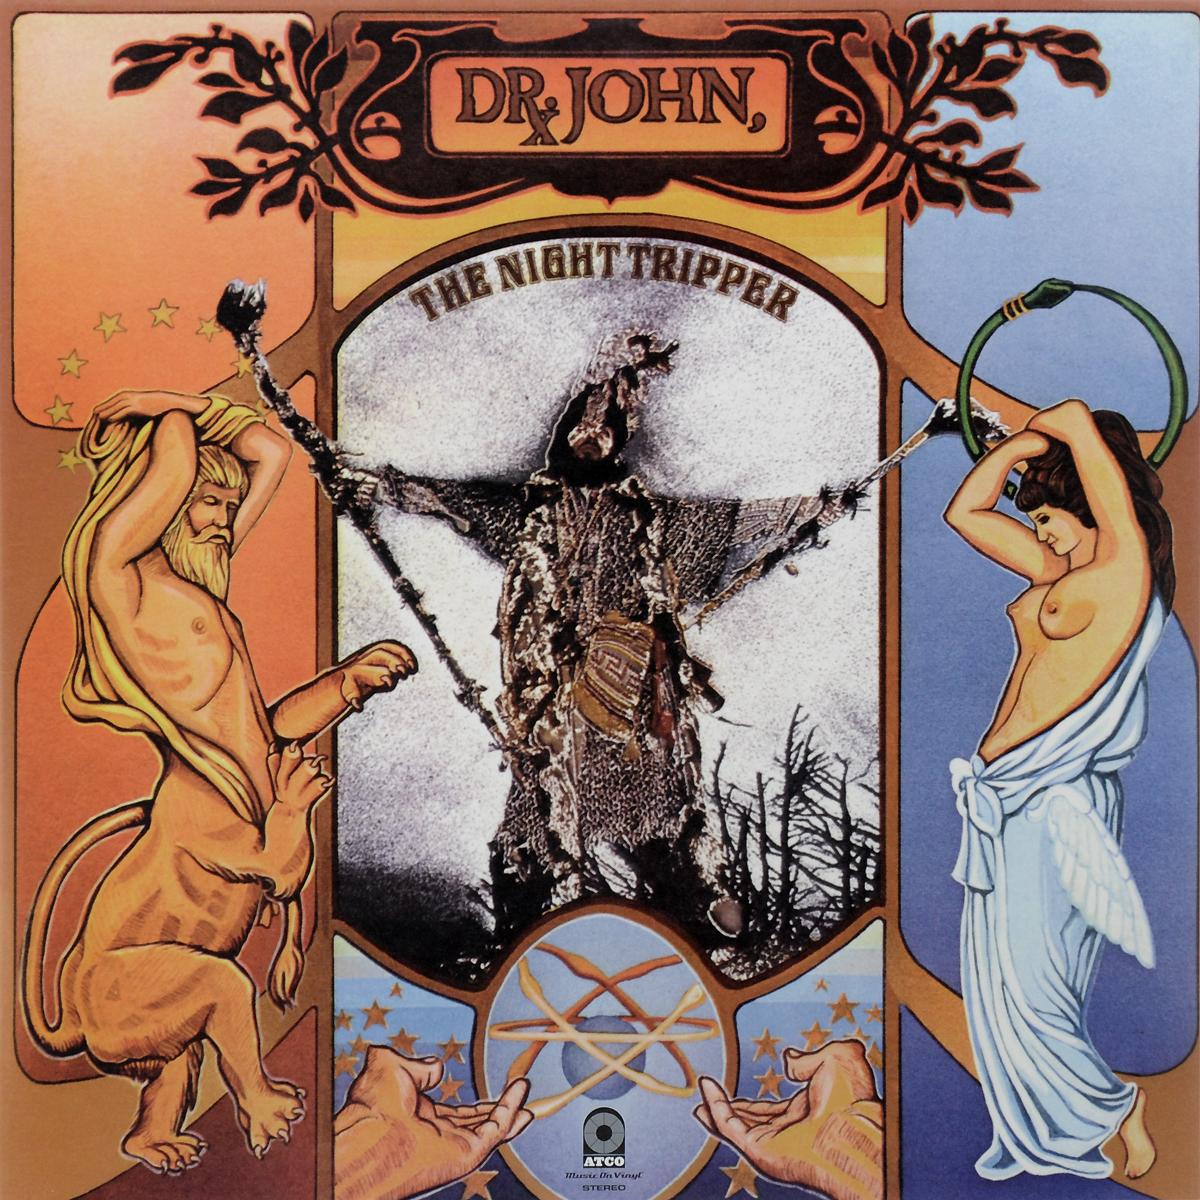 Доктор Джон Dr. John. Sun Moon & Herbs (LP) доктор джон dr john locked down